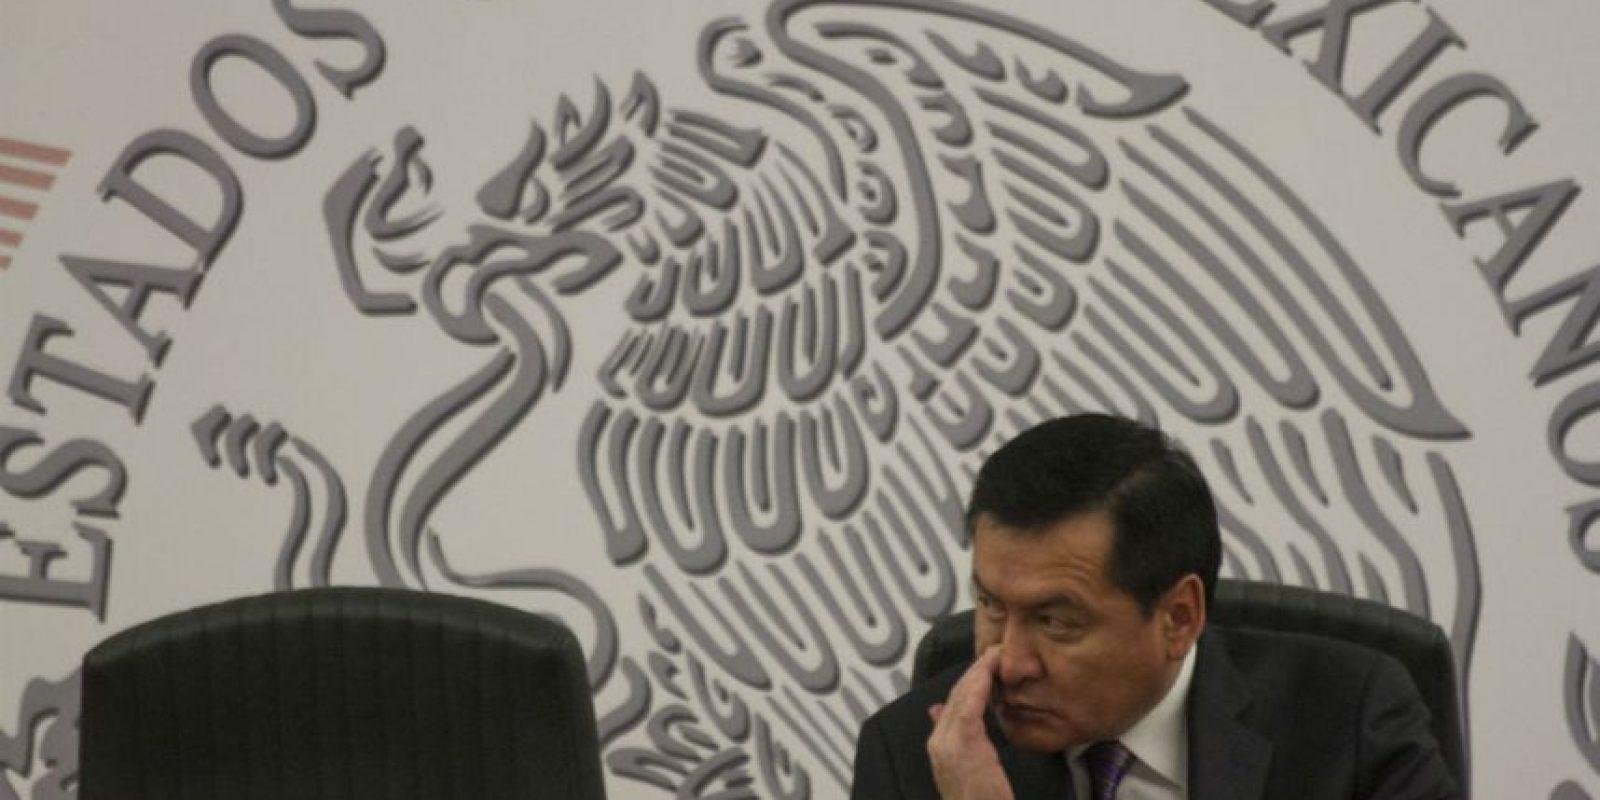 Incluso el responsable de la política interior, Miguel Ángel Osorio Chong, ha sonado algunas versiones. Foto:Cuartoscuro